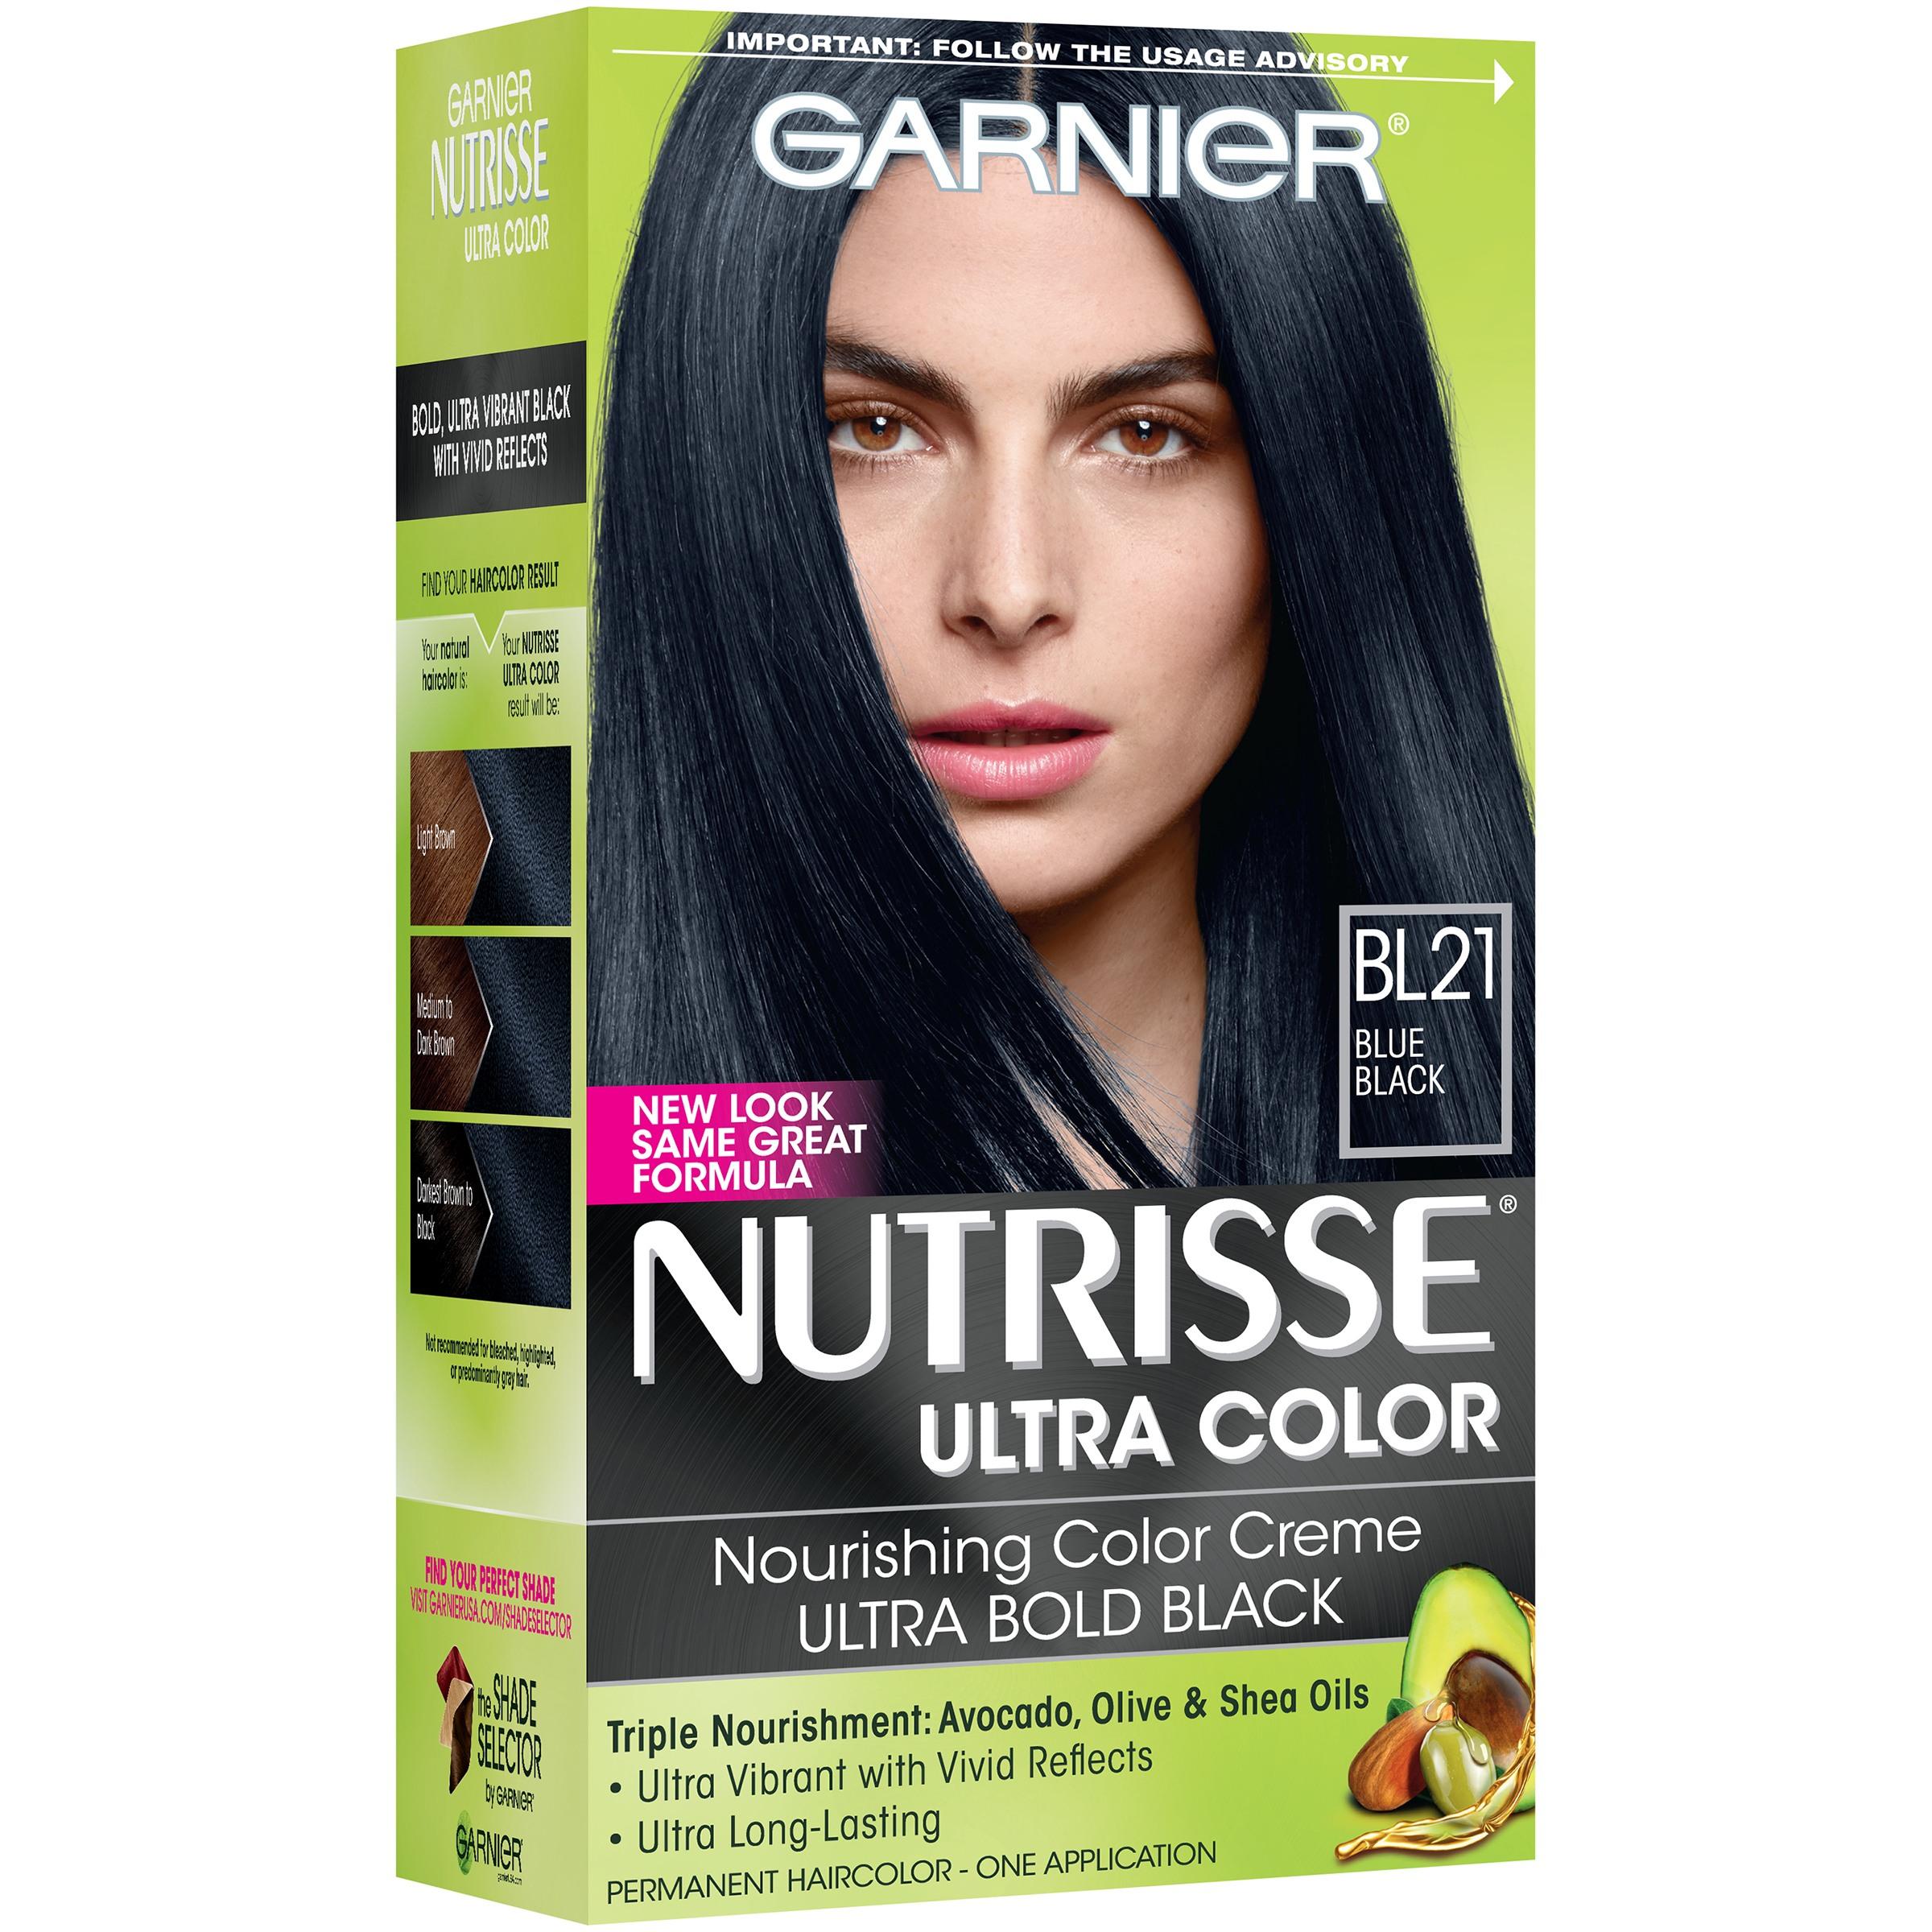 garnier nutrisse ultra color nourishing color creme bl 21